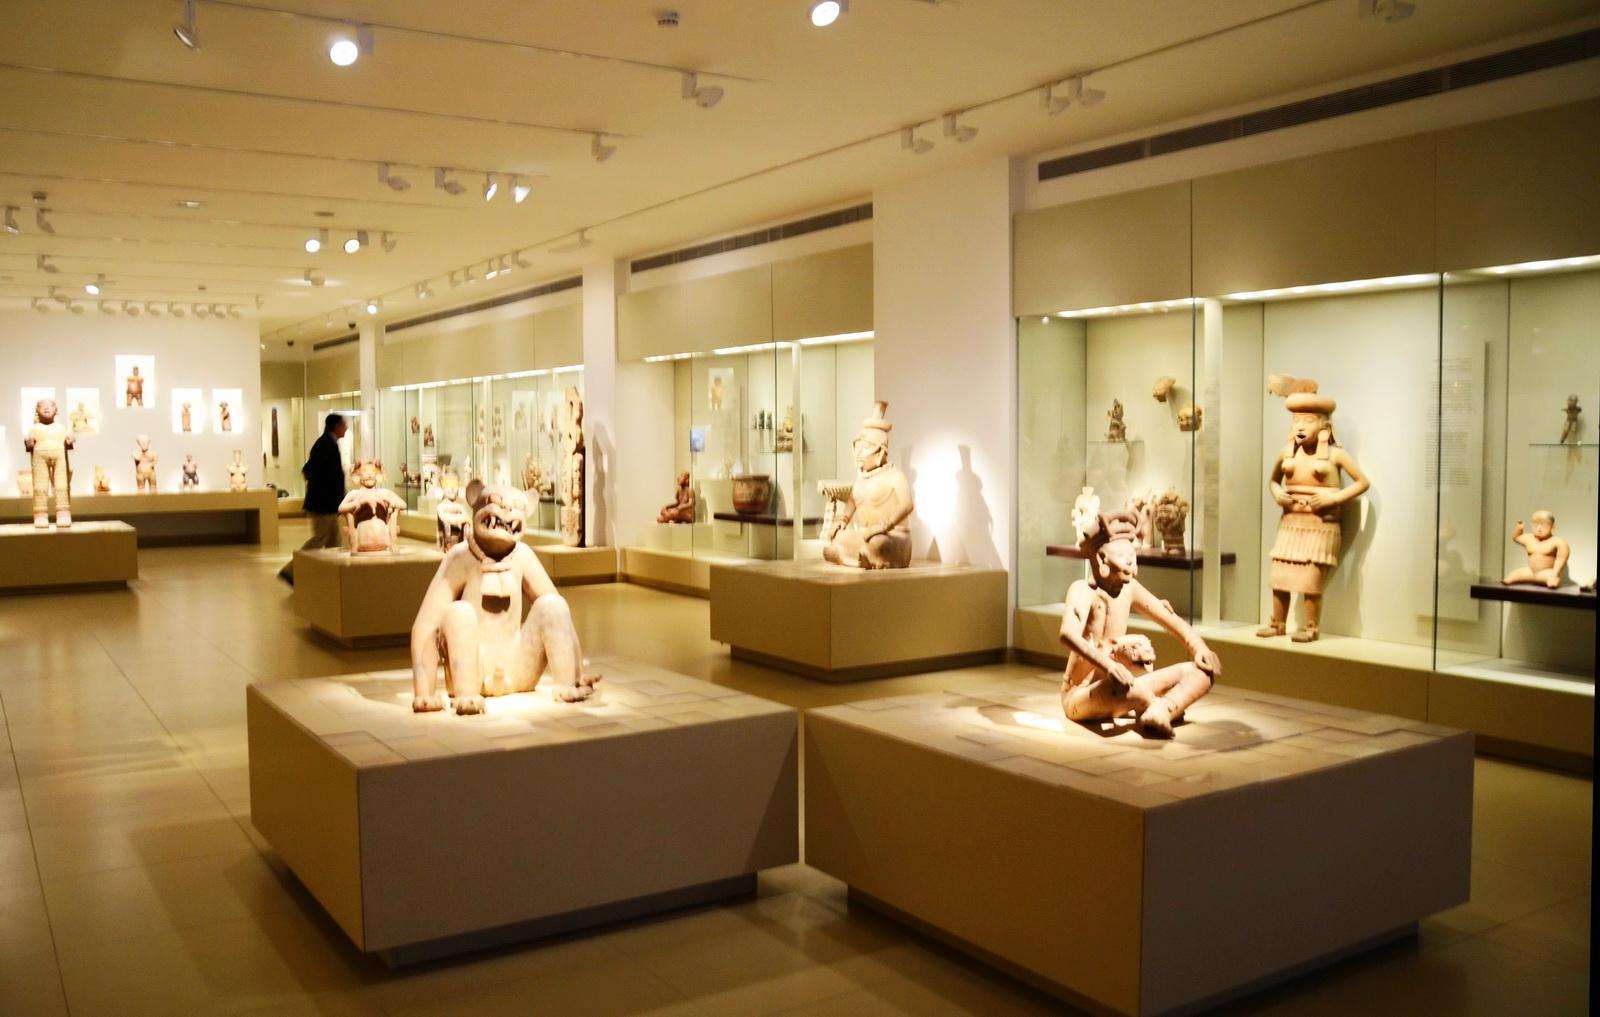 תצוגת אומנות  דרום אמריקאית במוזיאון